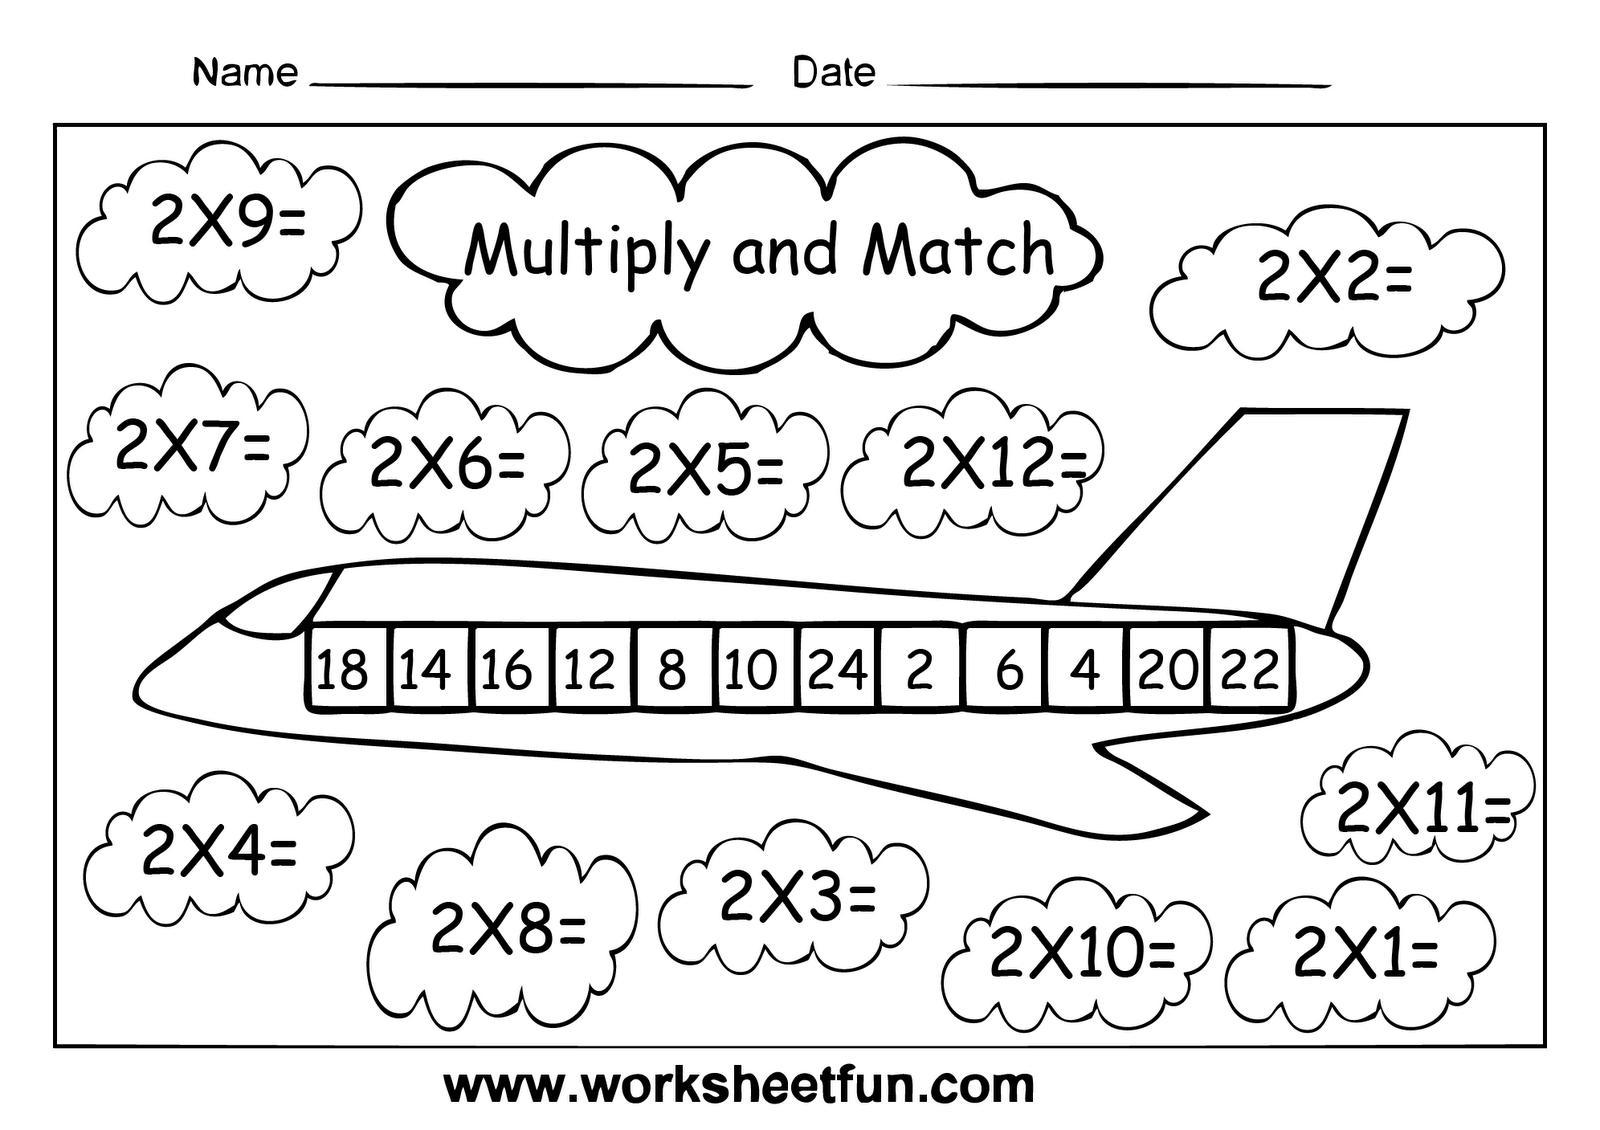 Multiplication Worksheets For Grade 1 Pdf